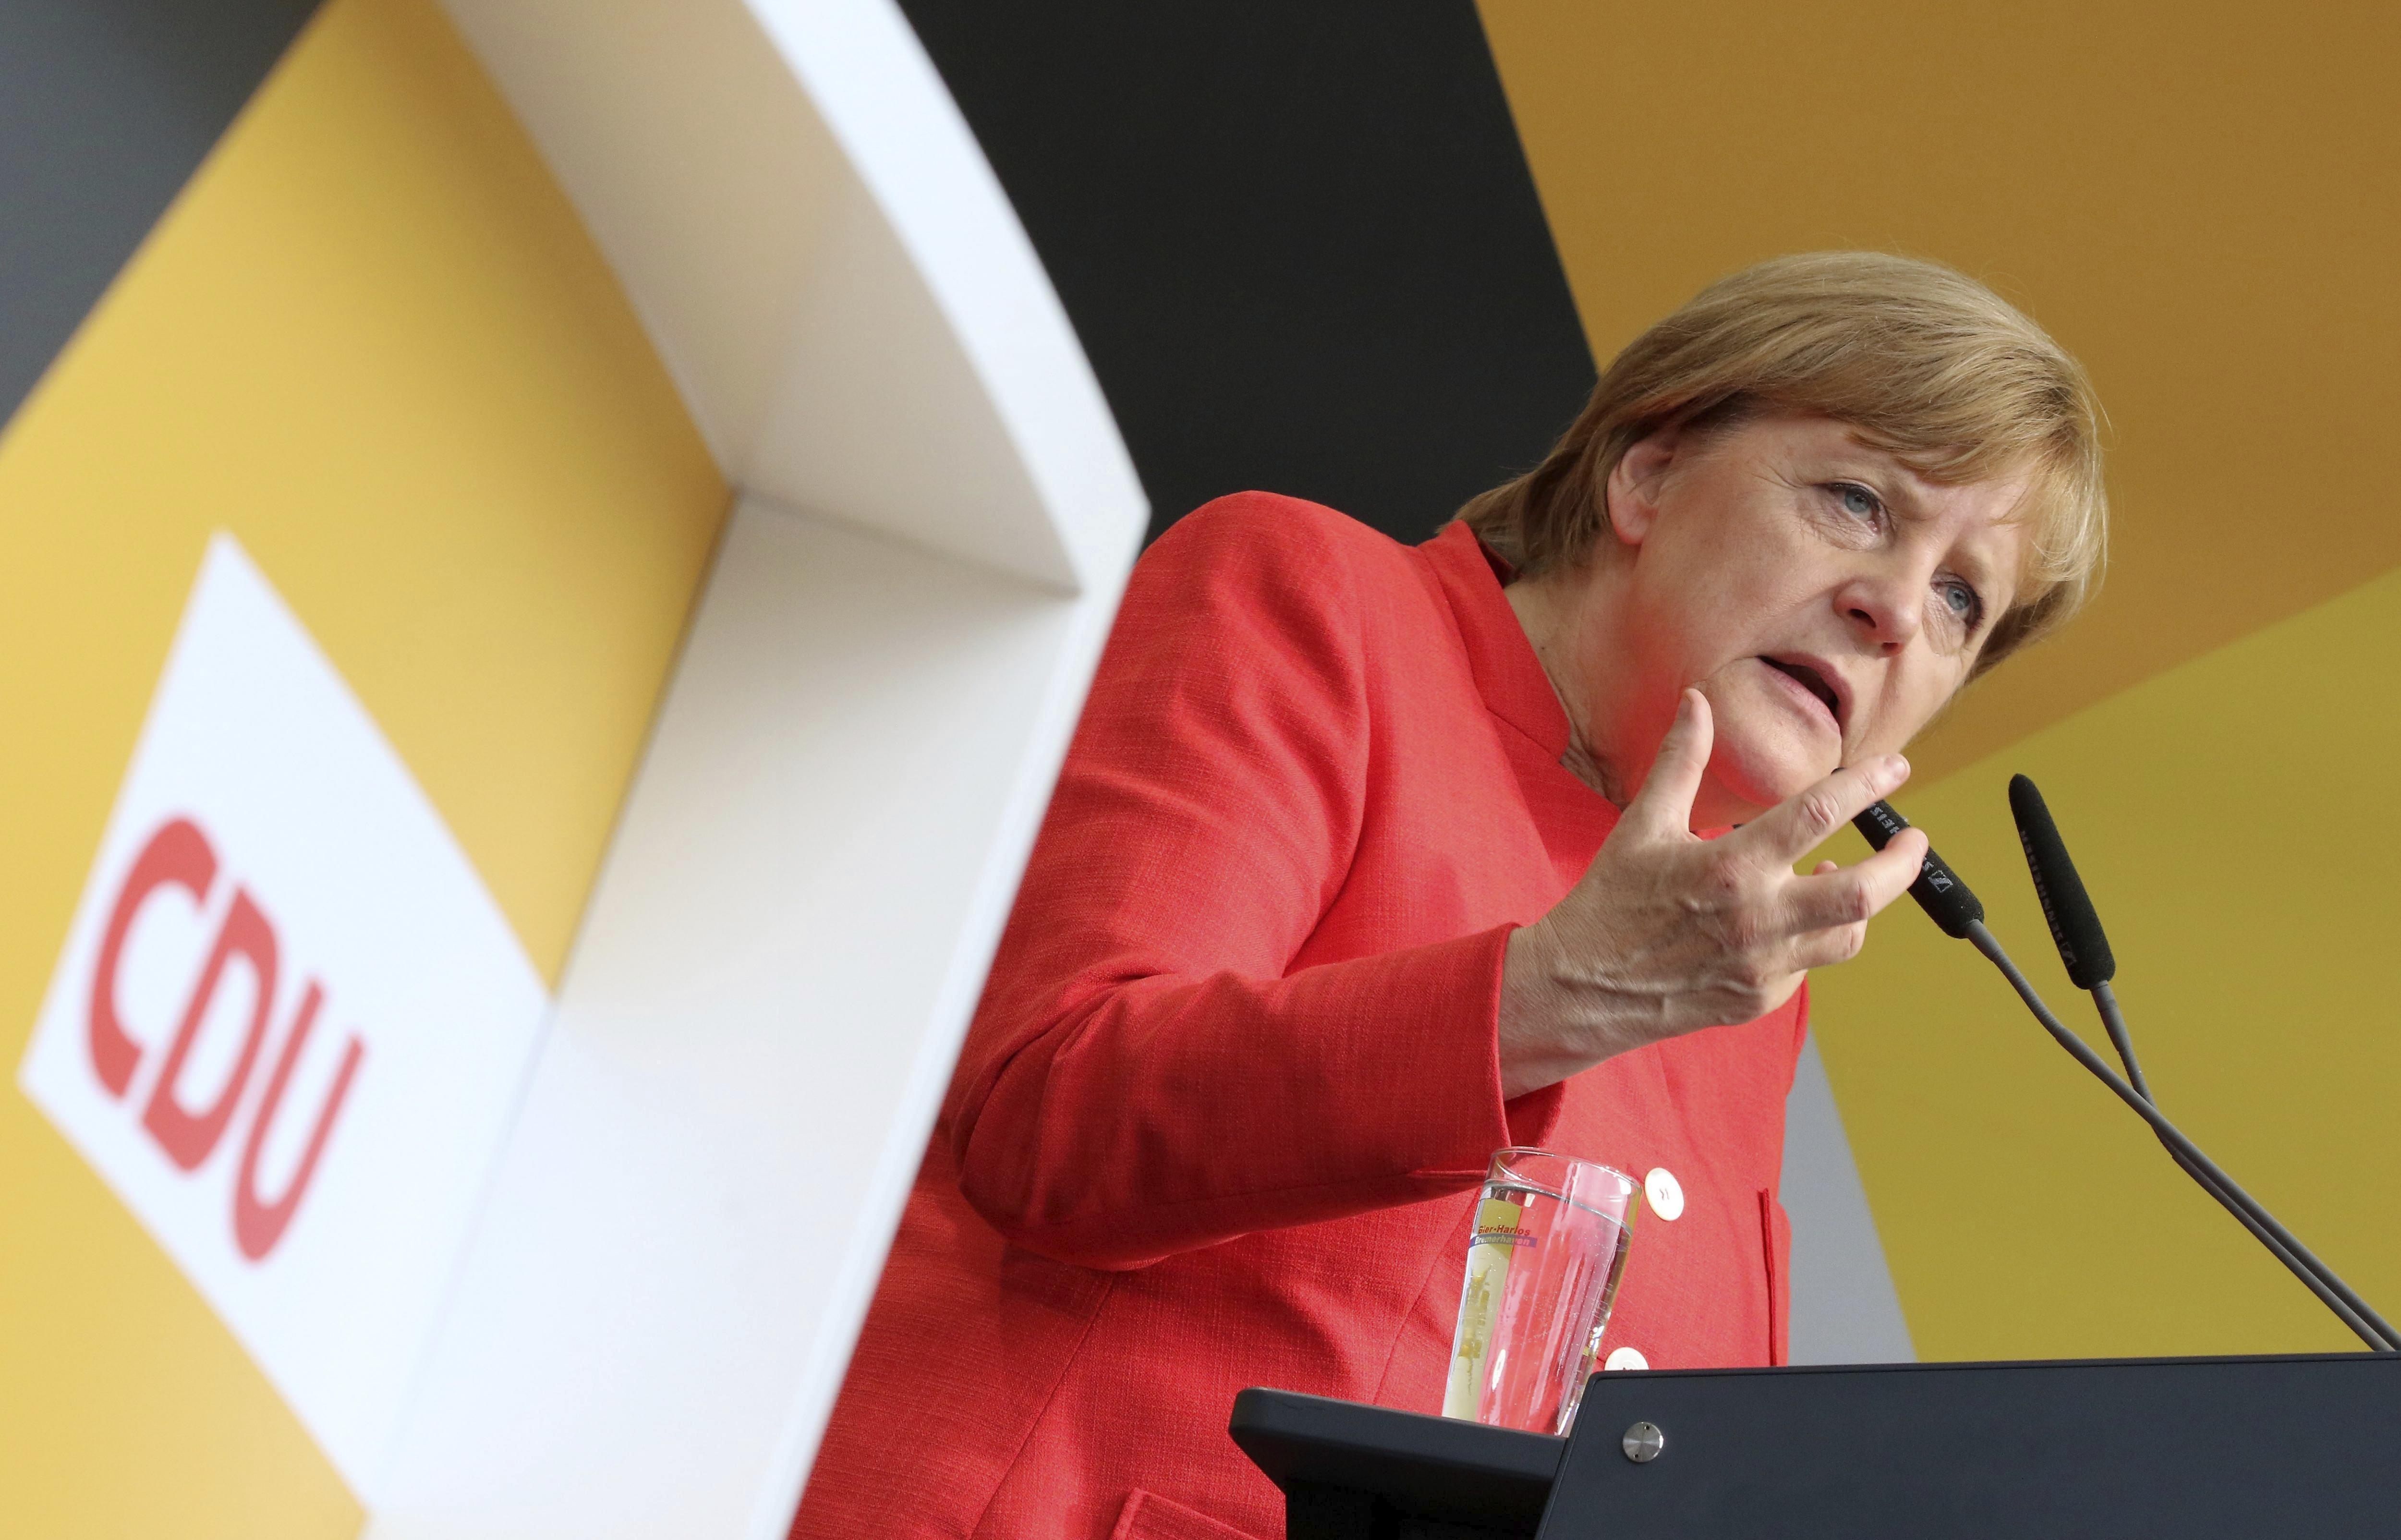 La canceller alemanya i presidenta de la Unió Cristianodemòcrata (CDU), Angela Merkel, pronuncia un discurs durant un acte electoral celebrat en Cuxhaven, Alemanya, el 15 d'agost del 2017. El proper 24 de setembre se celebren eleccions generals. /Focke Strangmann